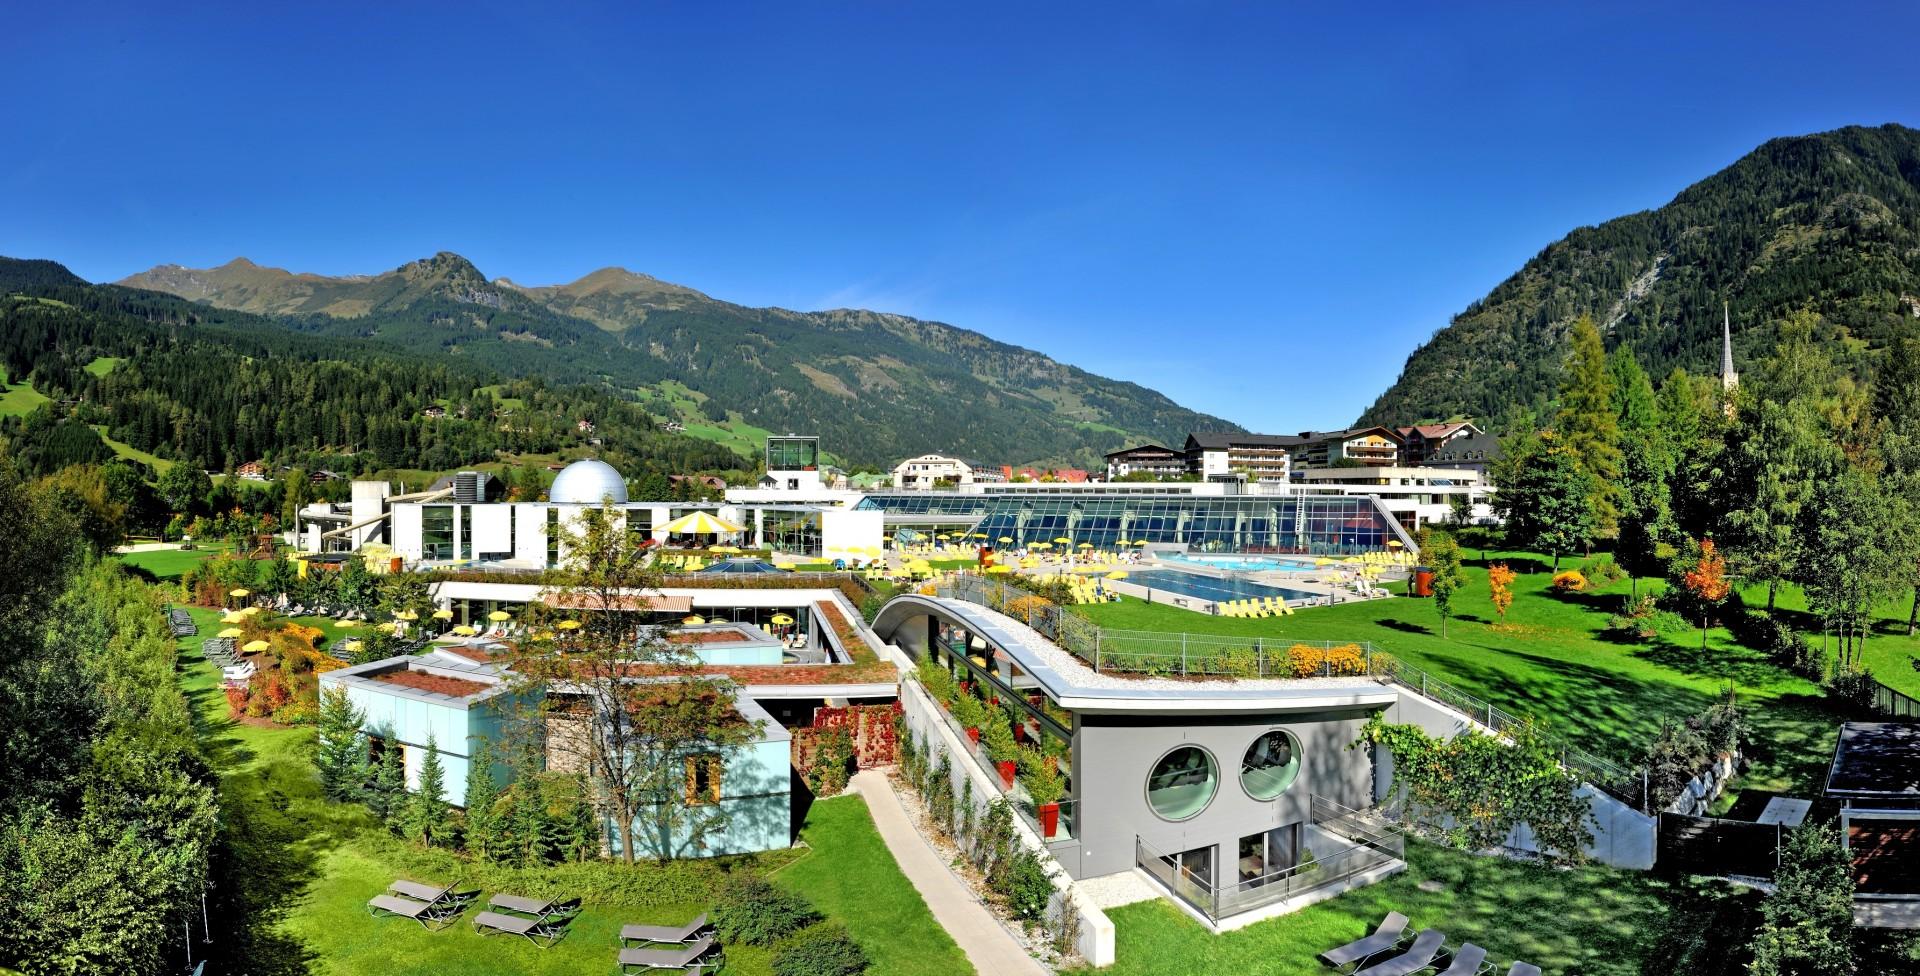 Hotel Alpina Bad Hofgastein